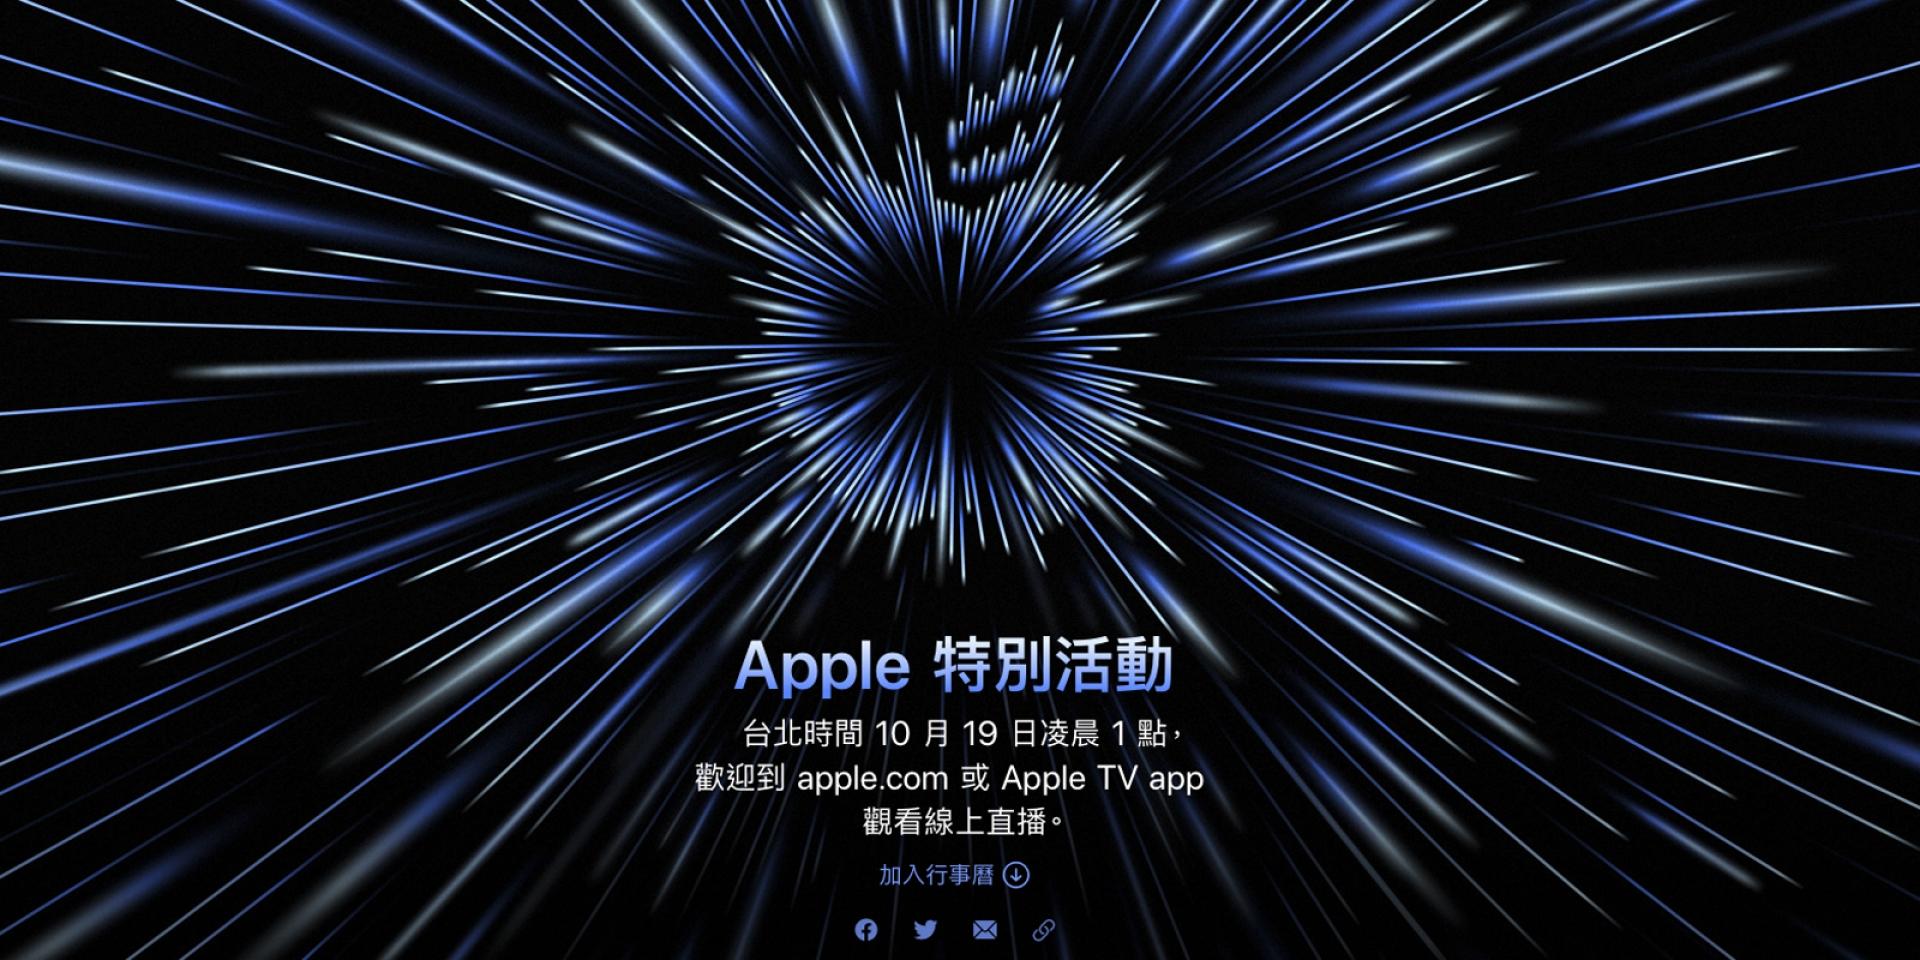 APPLE發表會19號登場,MBP 16、iMac 27有望搭載M1處理器登場!